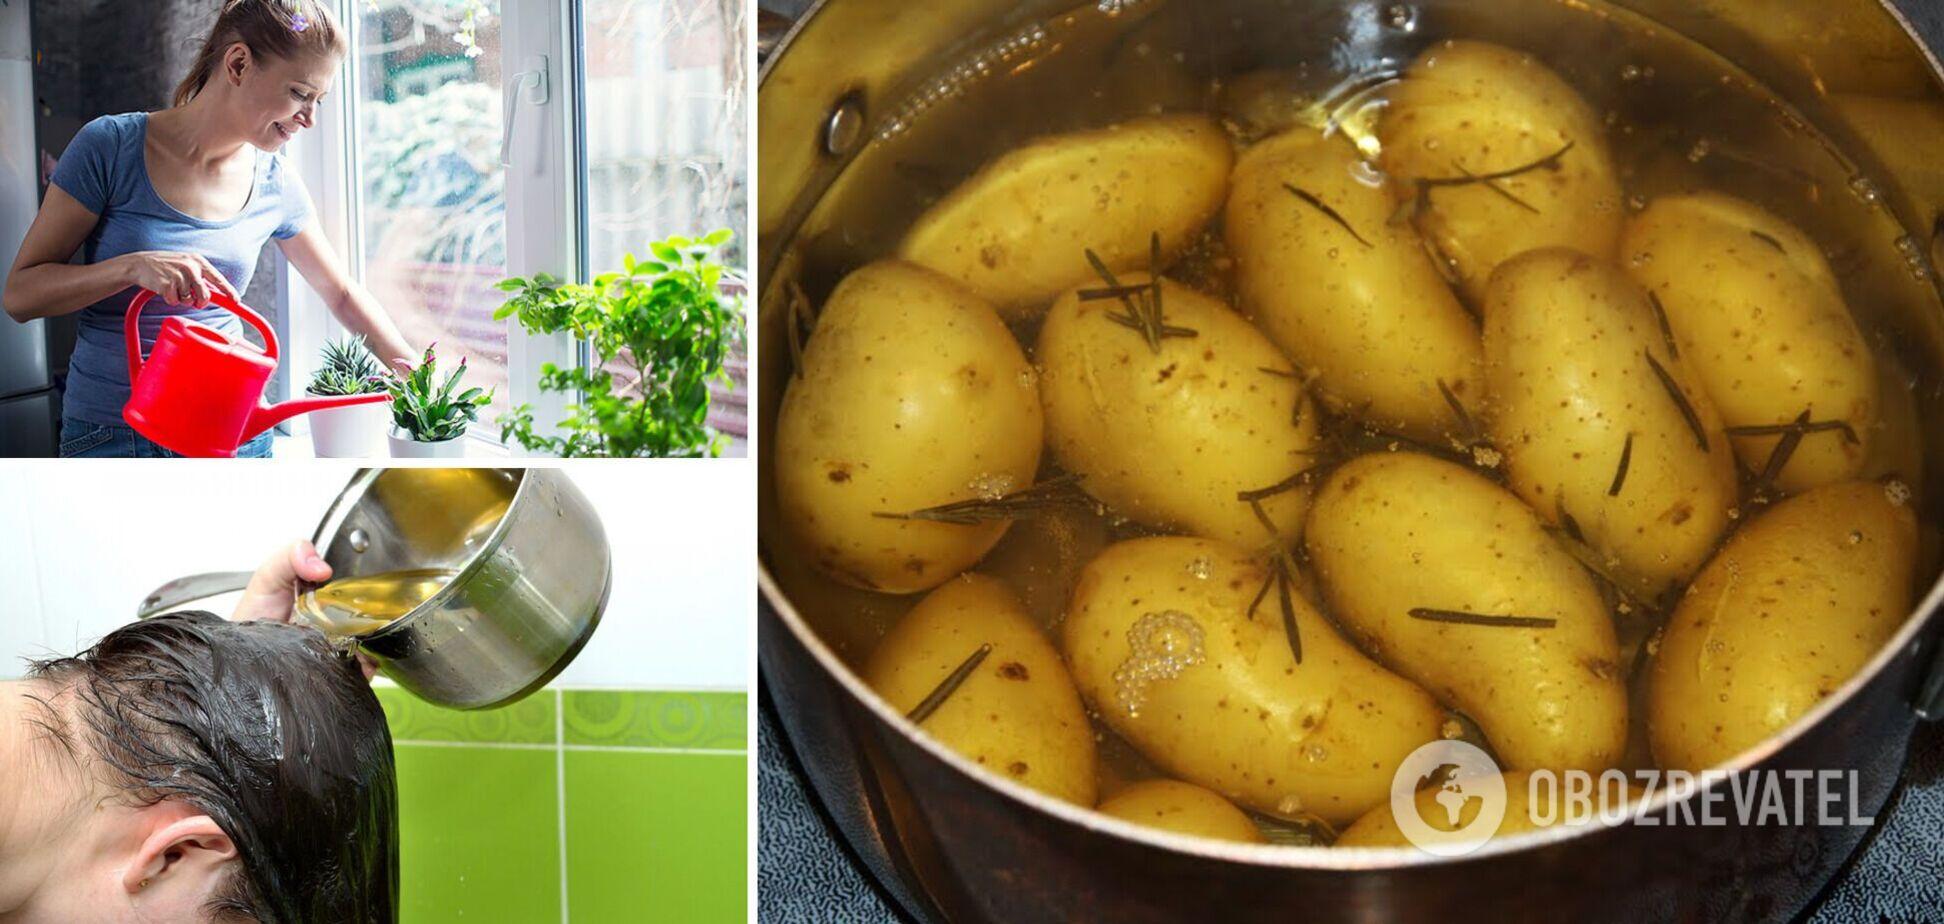 Что делать с водой, где варилась картошка: четыре неожиданных лайфхака